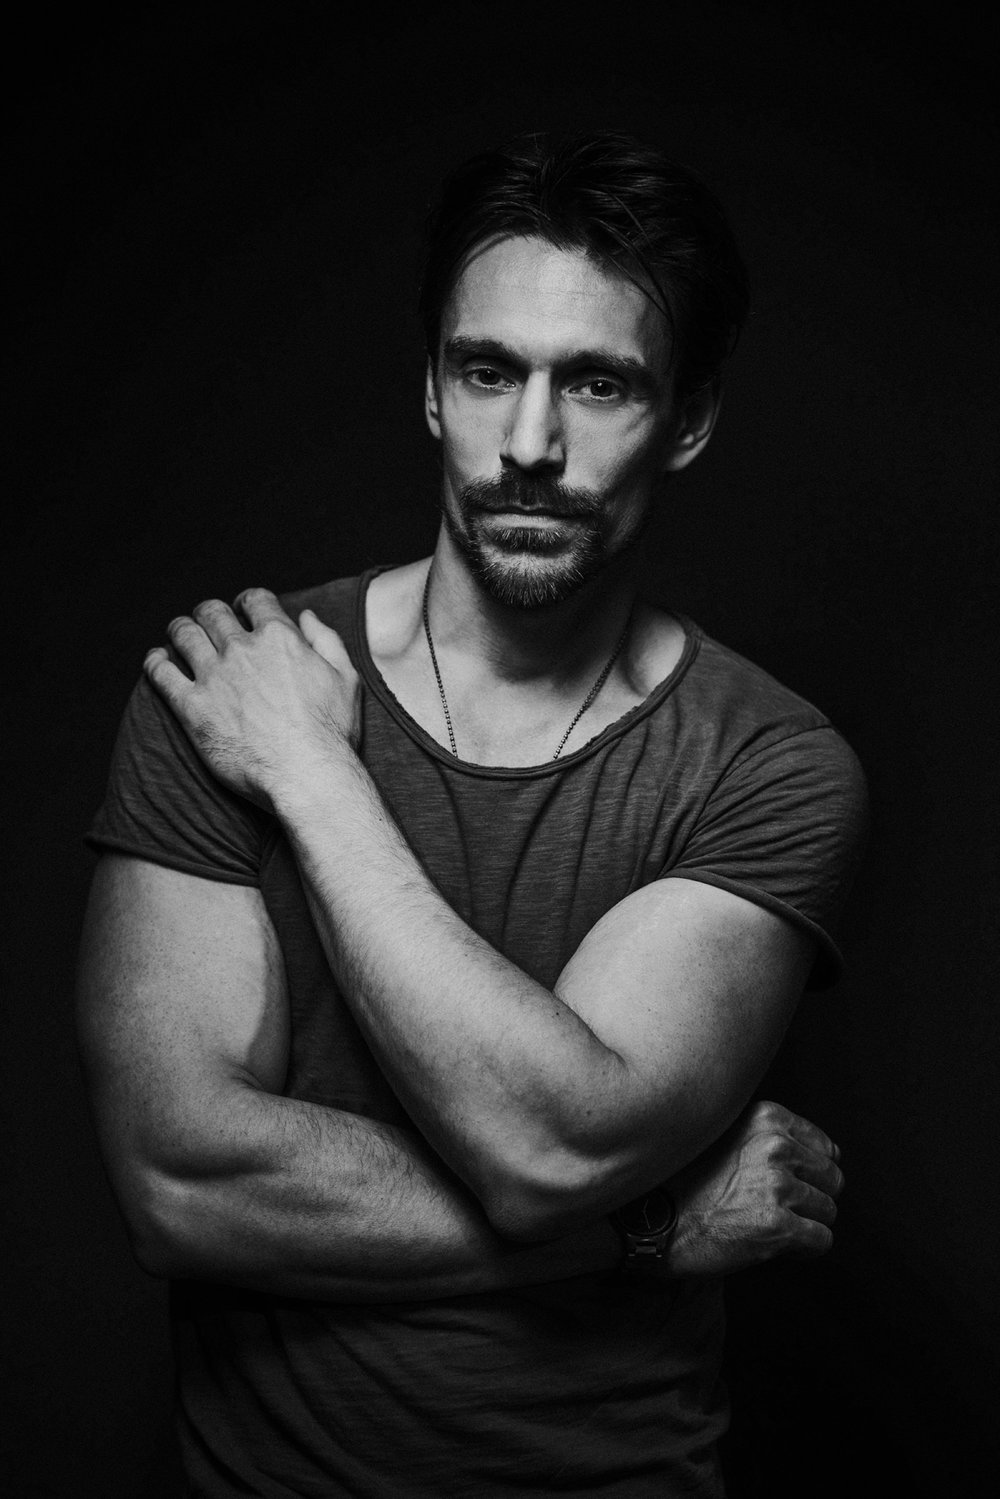 schwarzweiss Schauspieler Portrait im Fotostudio